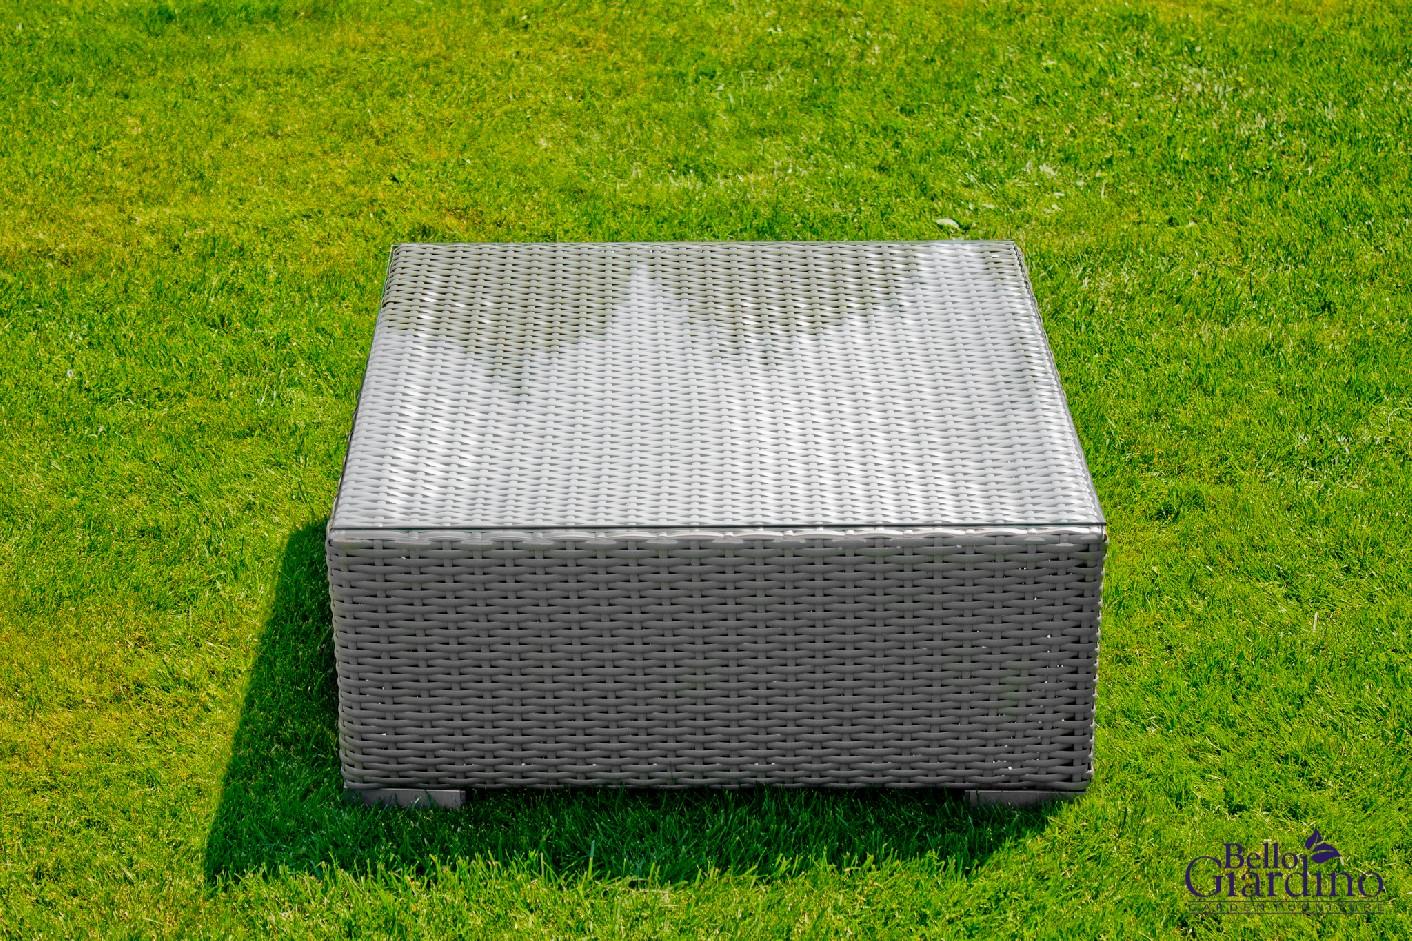 Bello G Záhradný ratanový stôl SM001 Prevedenie: Sivá